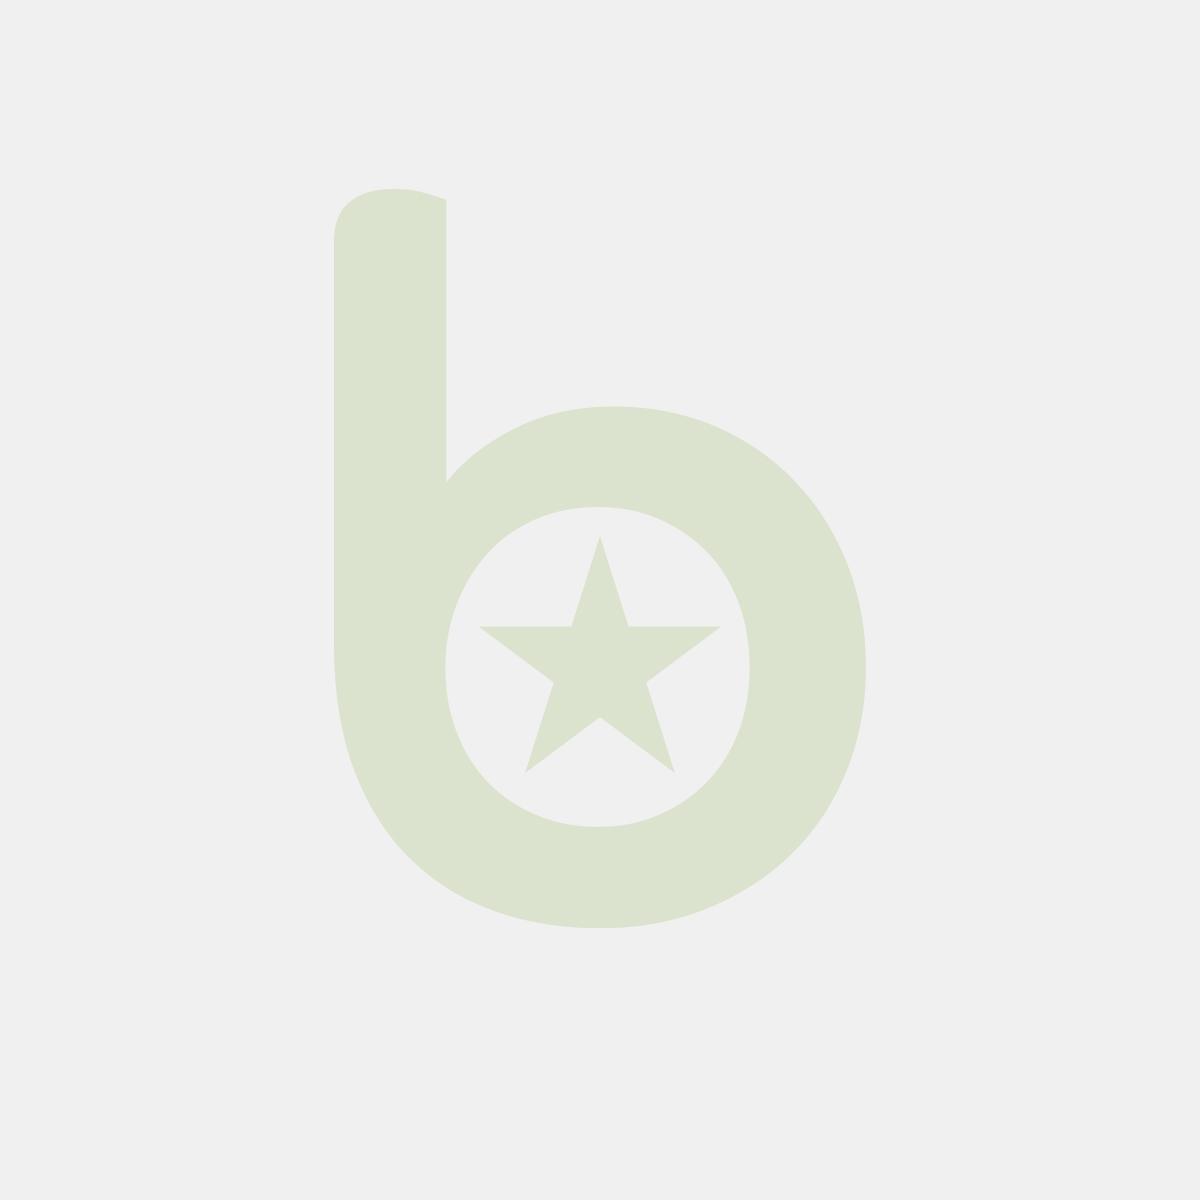 Szafy chłodnicze serii BUDGET LINE z obudową ze stali nierdzewnej 350